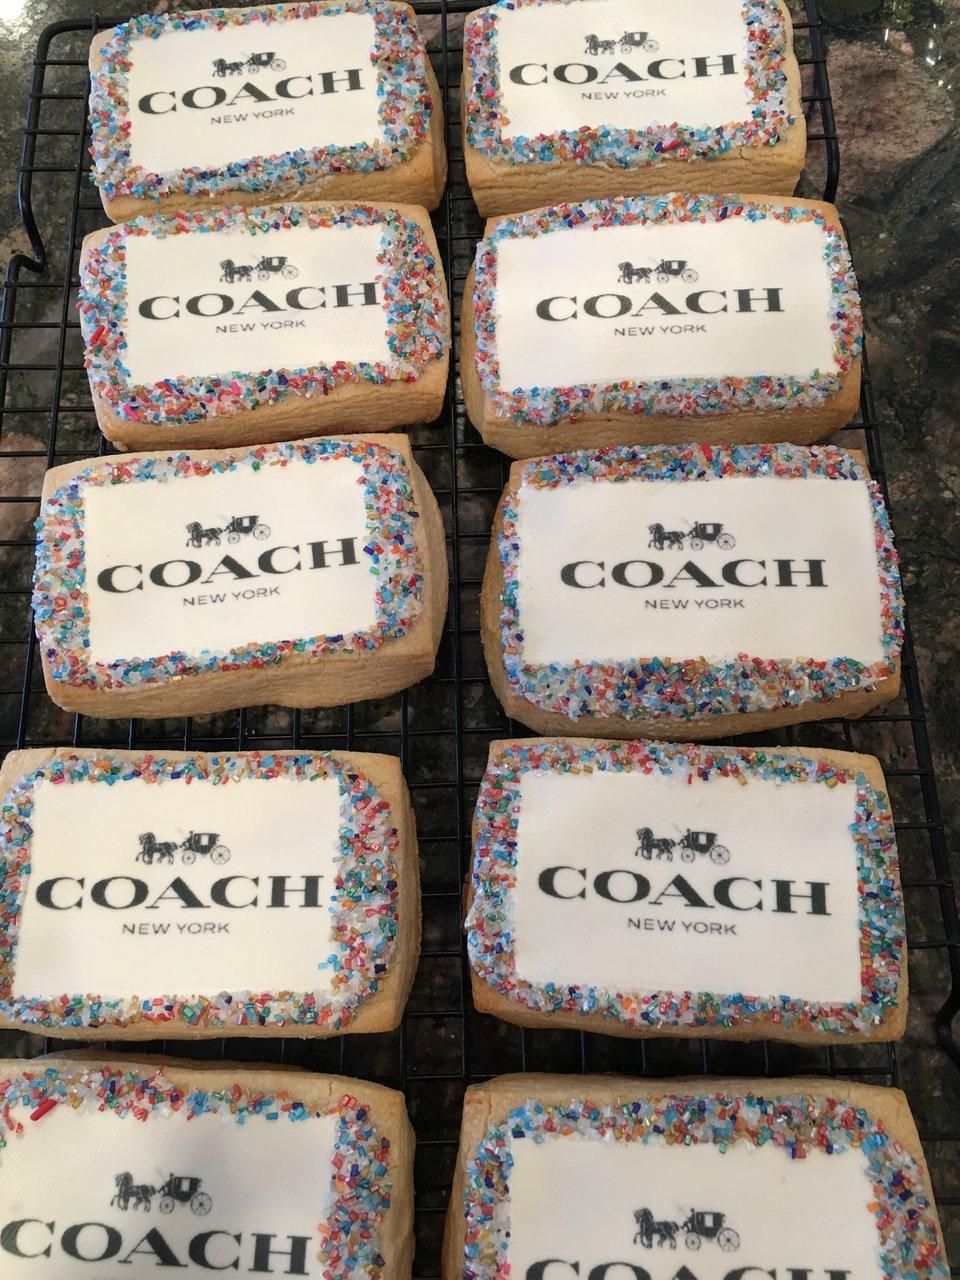 Coach Gift photo IMG_2643.jpg